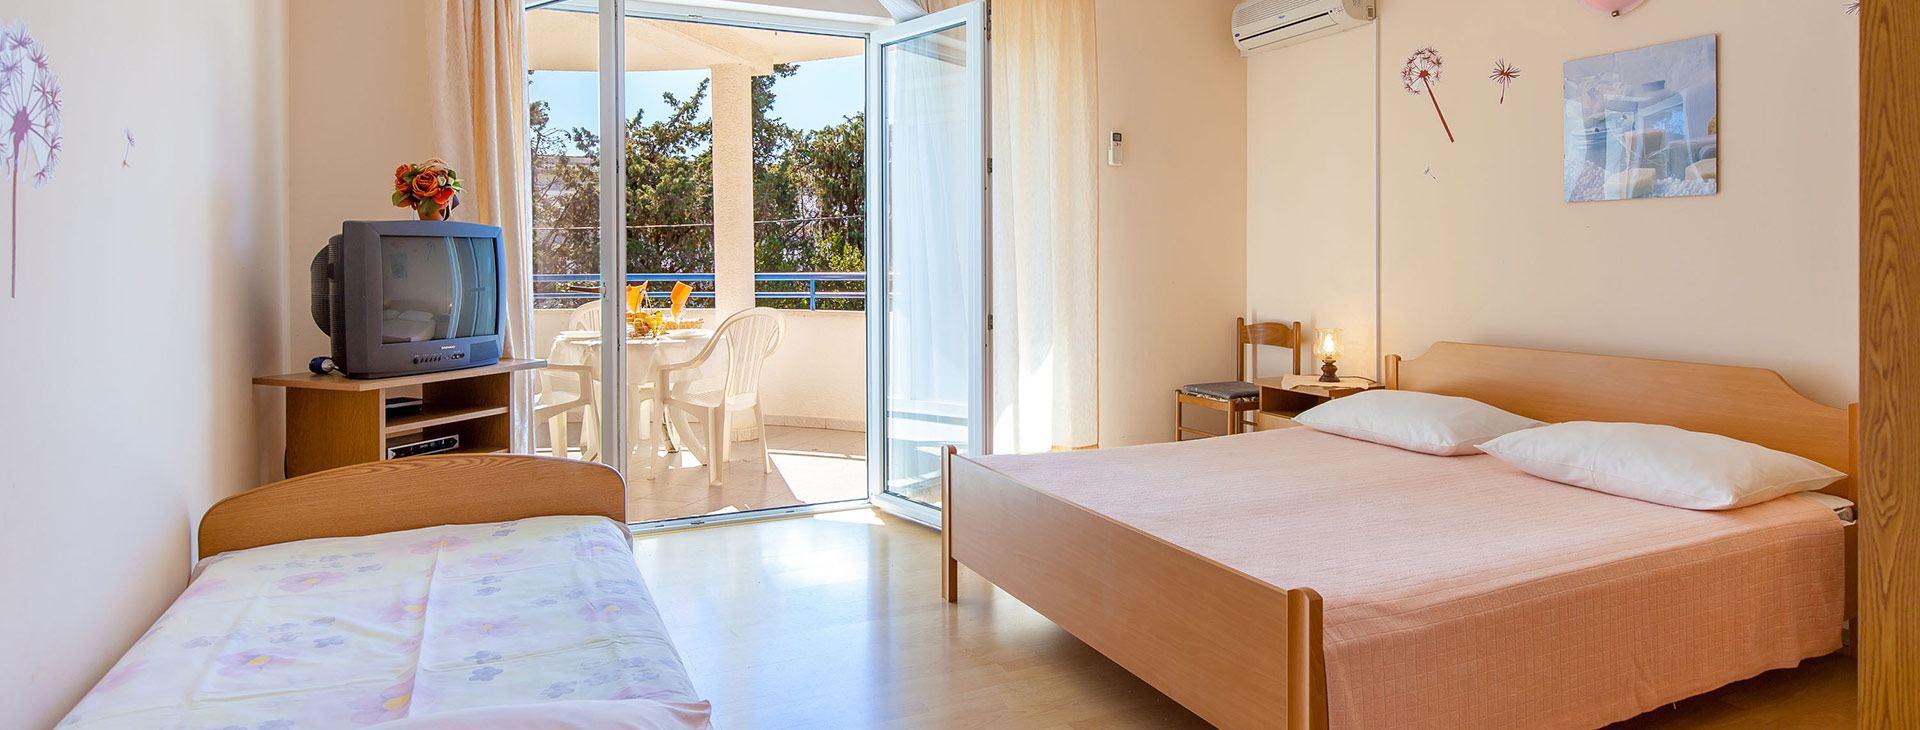 Hotel Villa Rose Dalmacja Po Udniowa Chorwacja